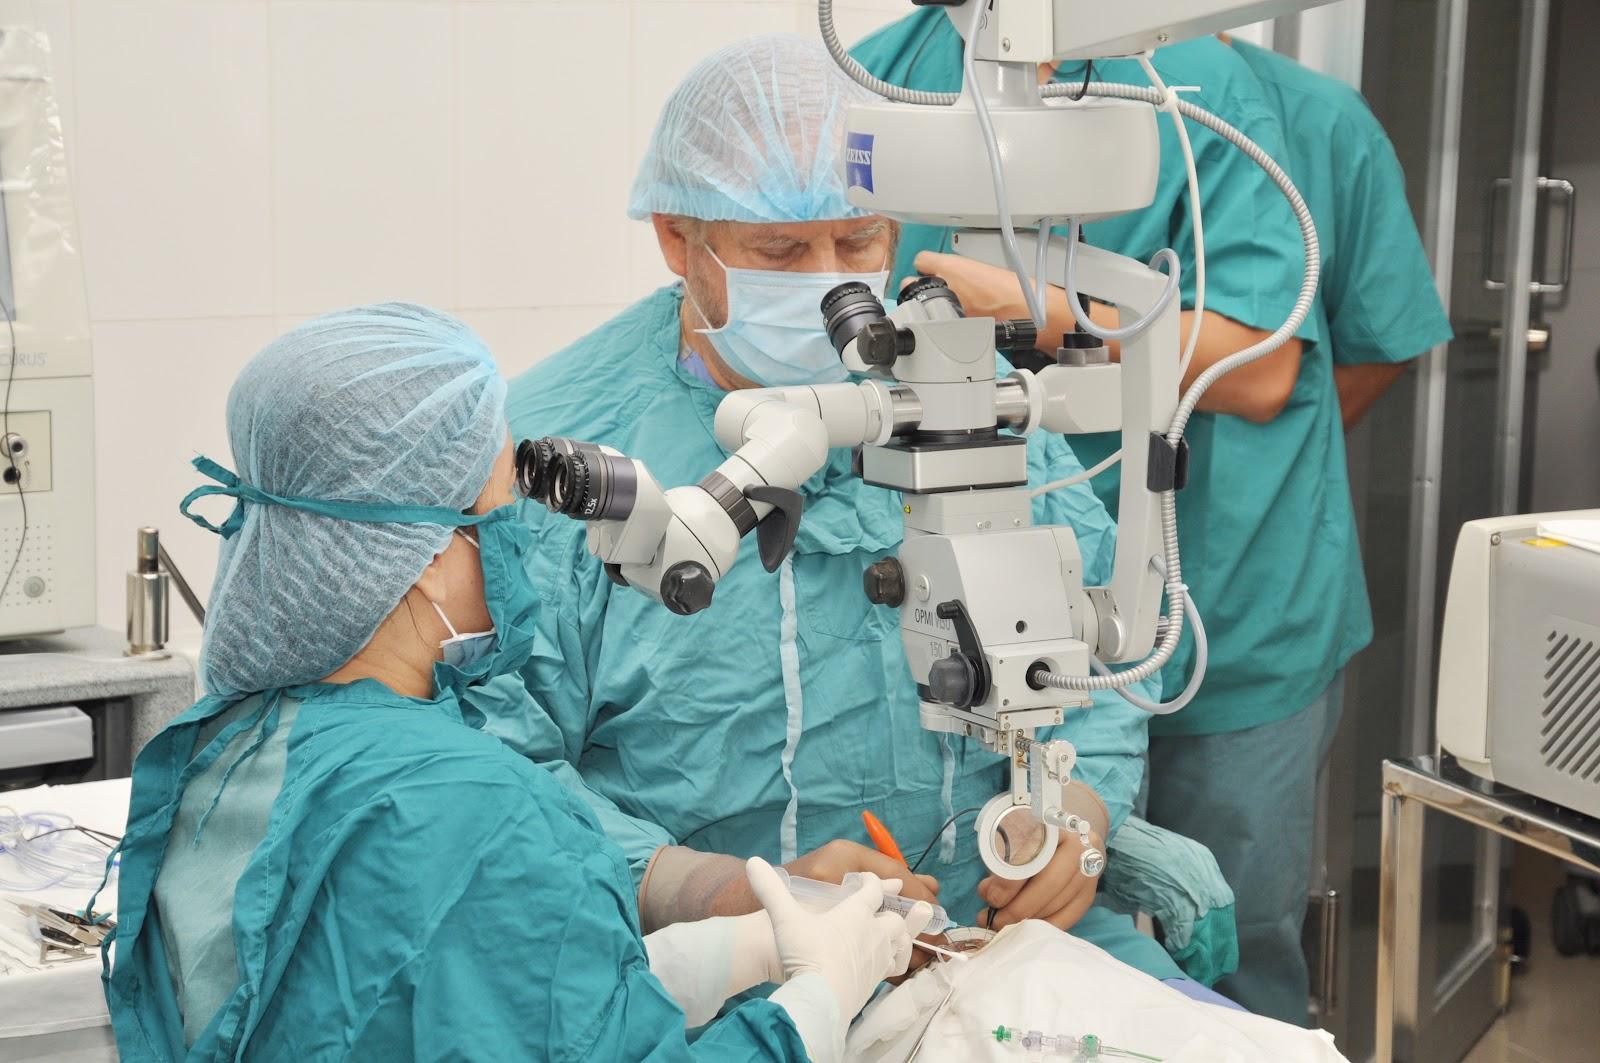 جراحات الشبكية و الجسم الزجاجى بأنواعها